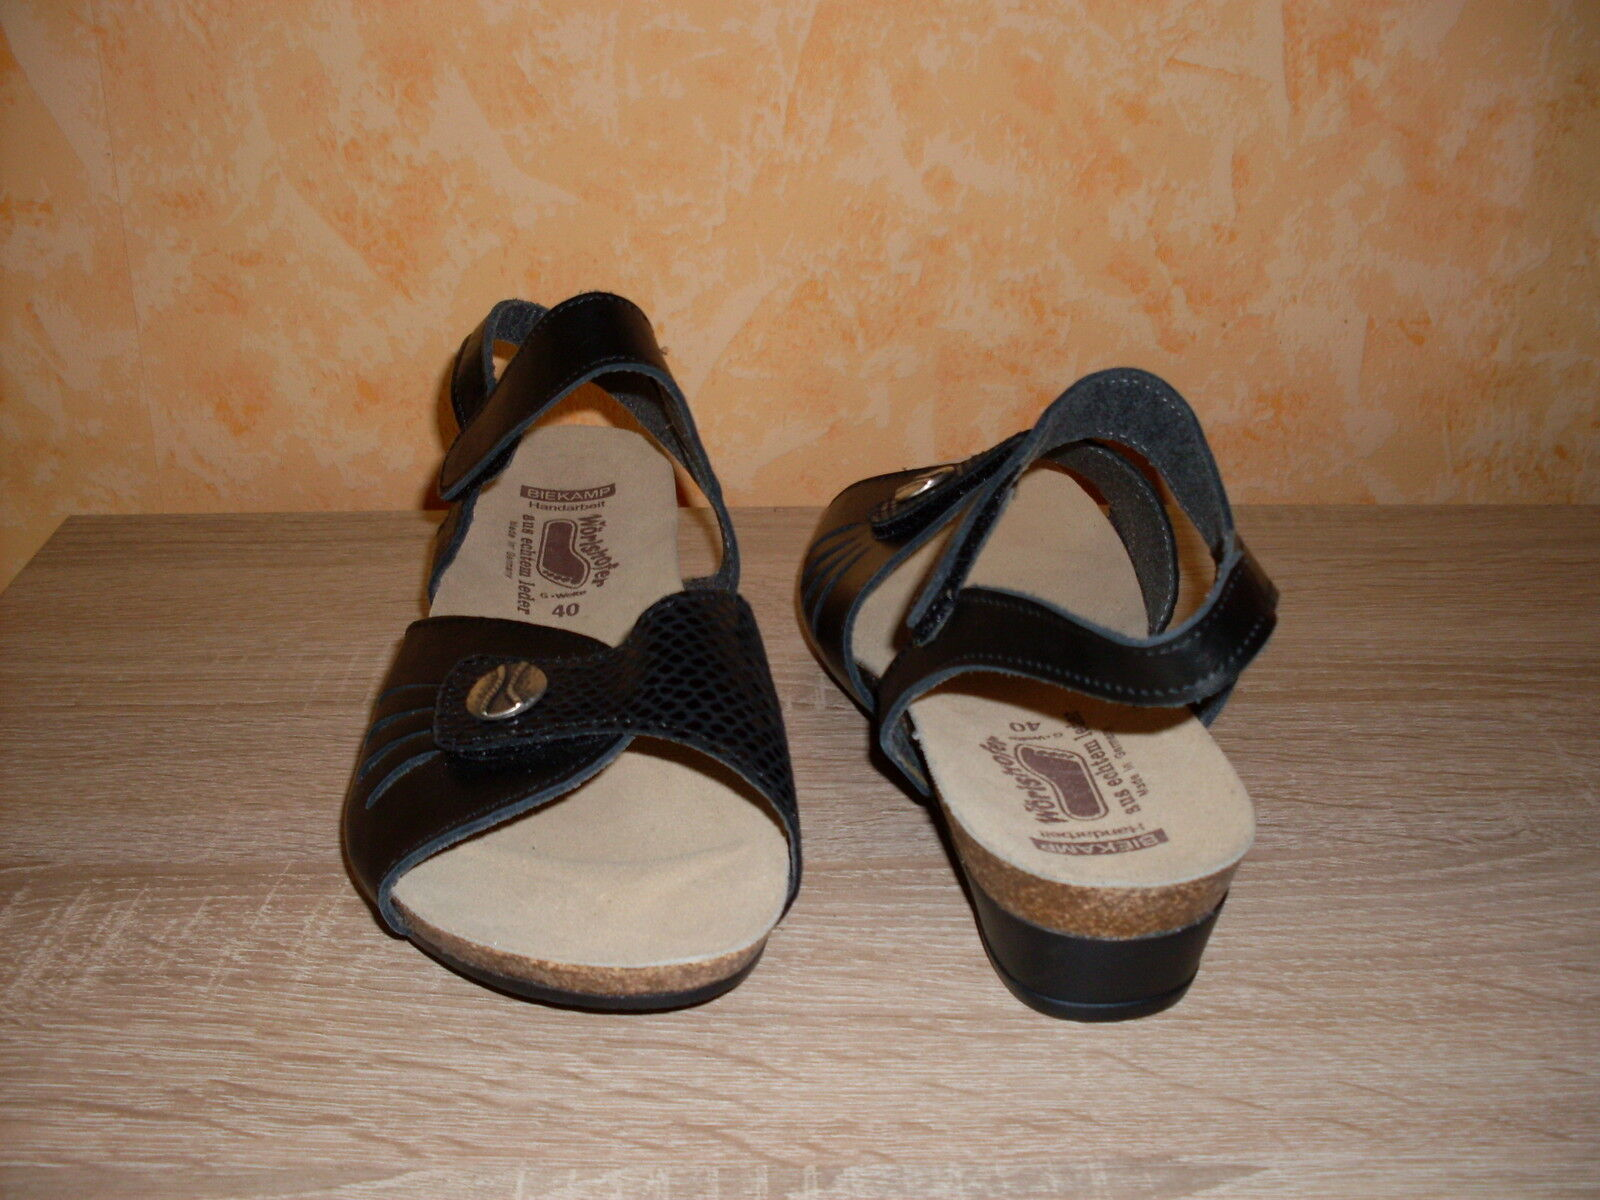 Damenschuh Gr. Wörishofer Klett Sandalette NEU Gr. Damenschuh 40 G in schwarz & Nappaleder 6250ae